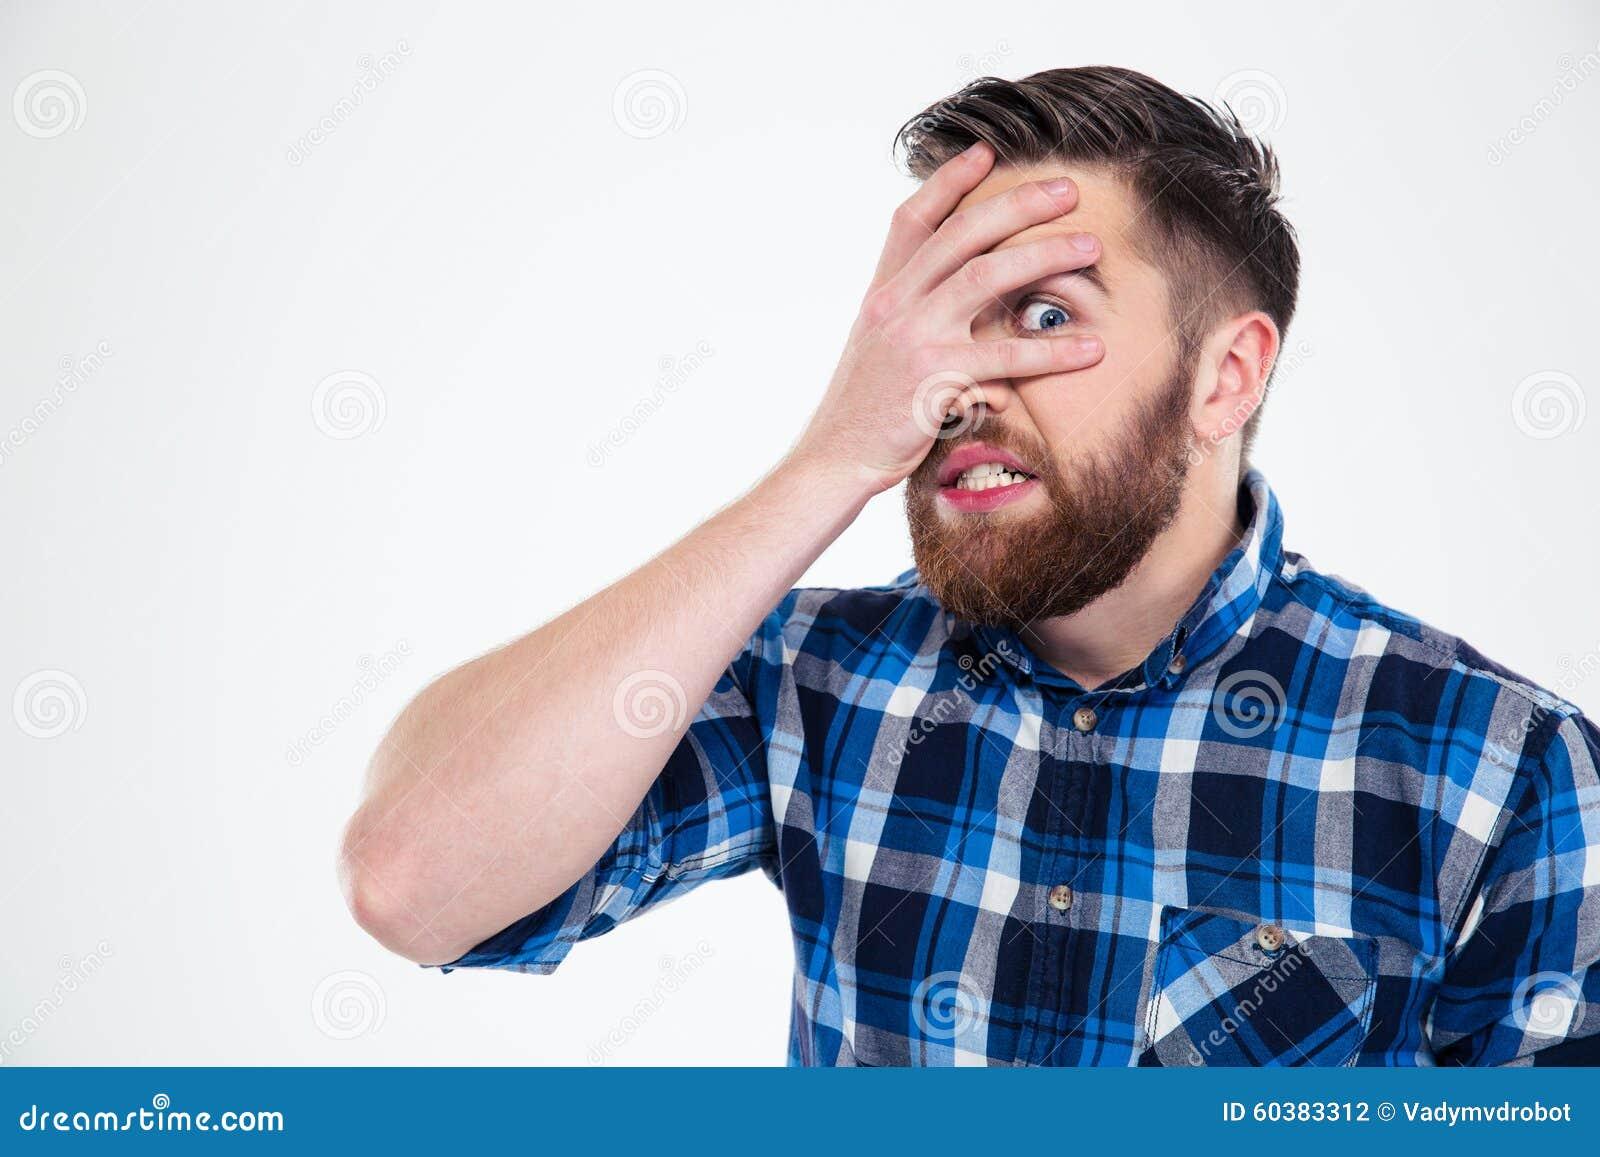 Άτομο που καλύπτει το πρόσωπό του με το φοίνικα και που εξετάζει τη κάμερα μέσω των δάχτυλων